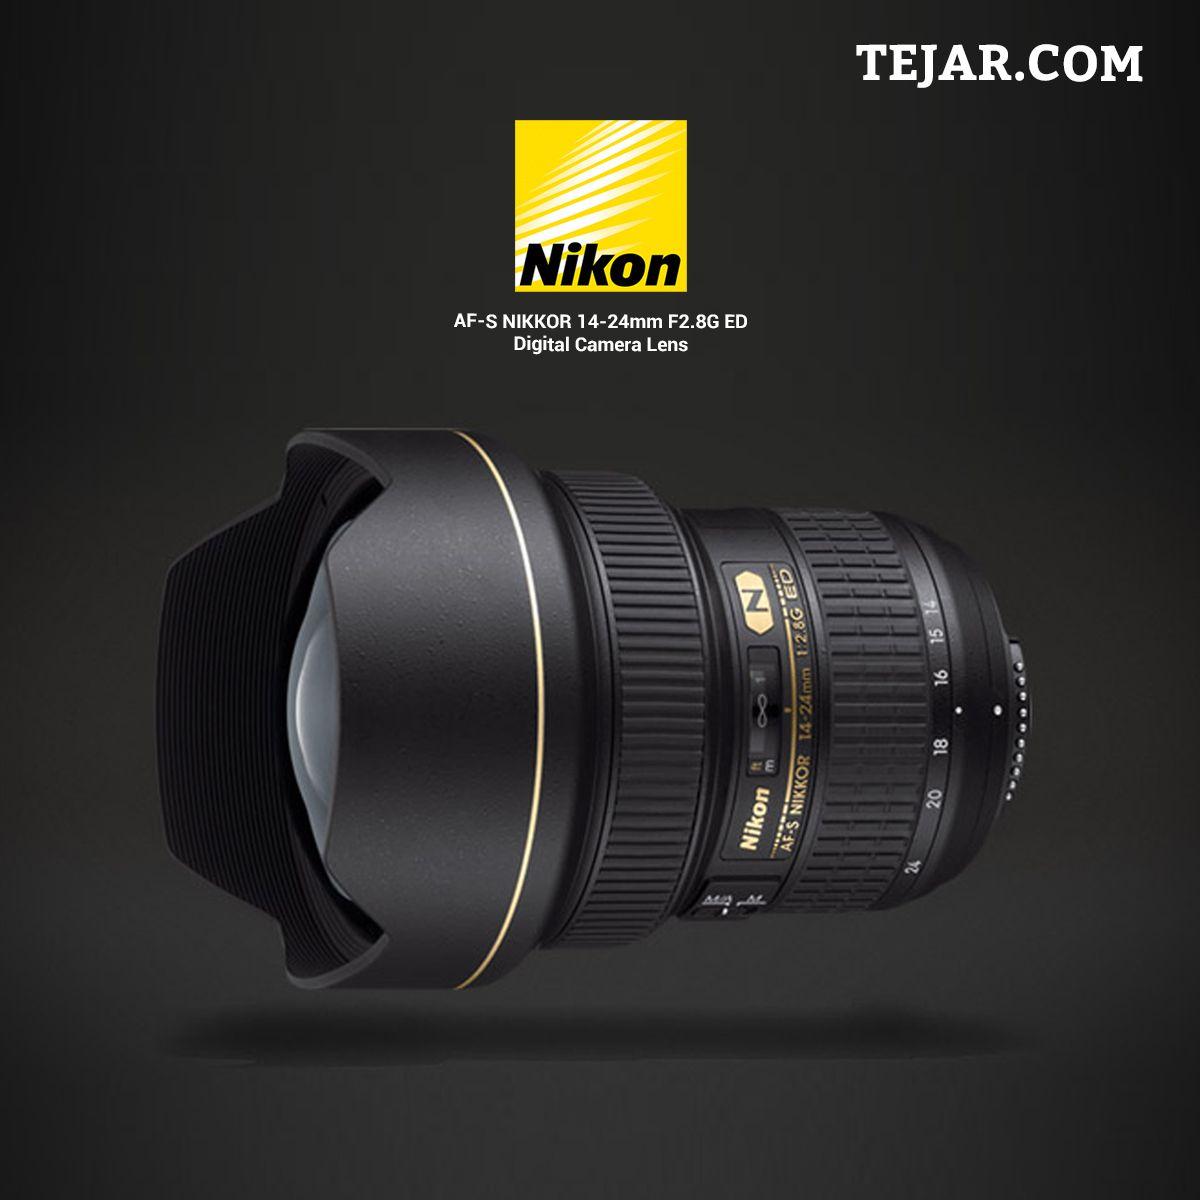 Nikon Af S Nikkor 14 24mm F2 8g Ed Digital Camera Lens Digital Camera Lens Camera Lens Digital Camera